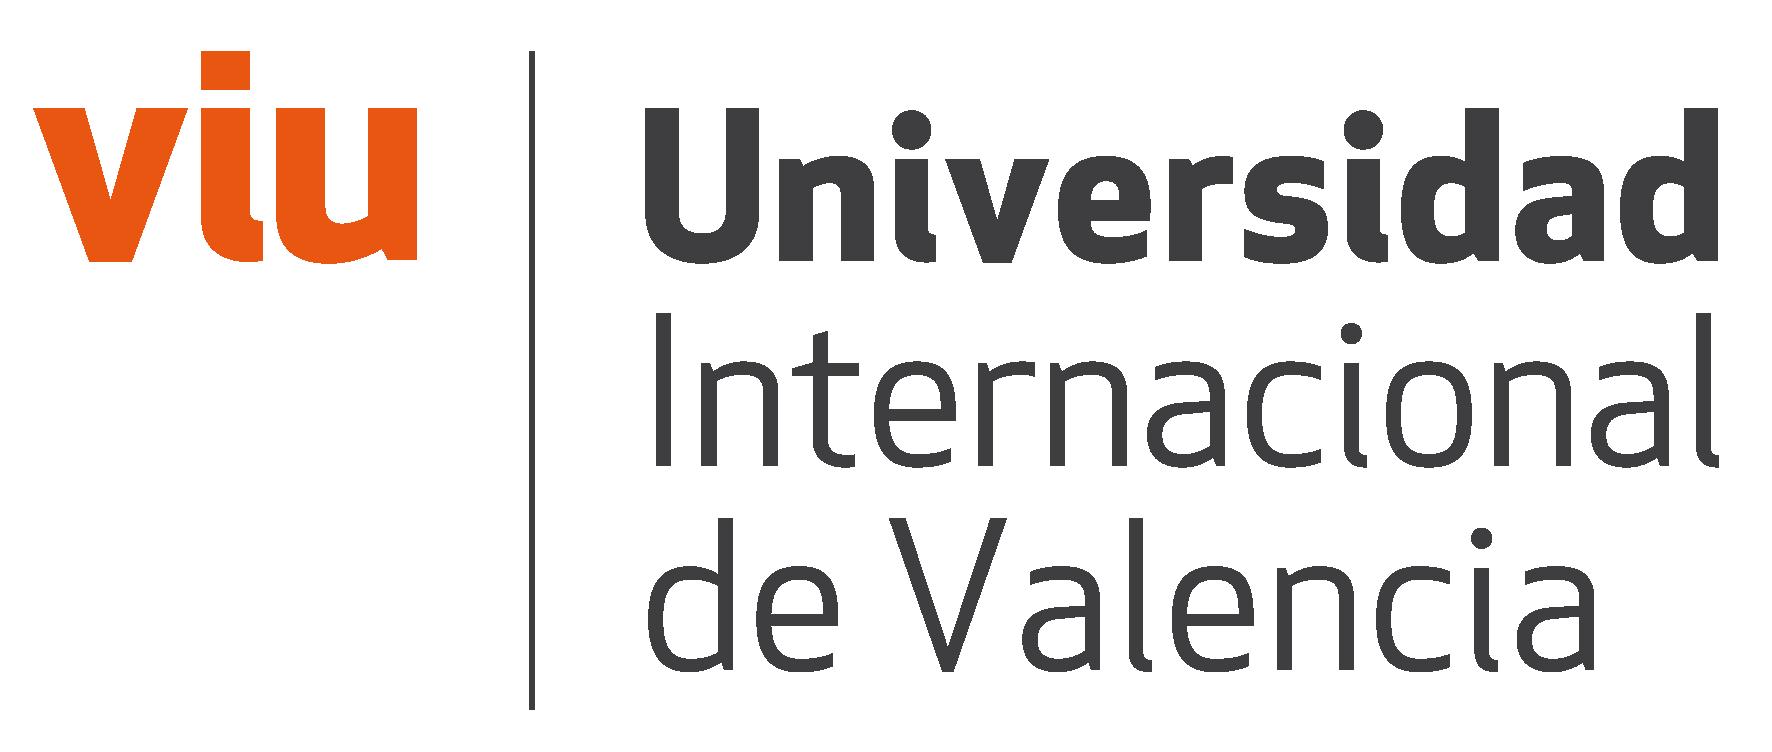 logo-viu-universidad-internacional-de-valencia-sobre-fondo-blanco.png